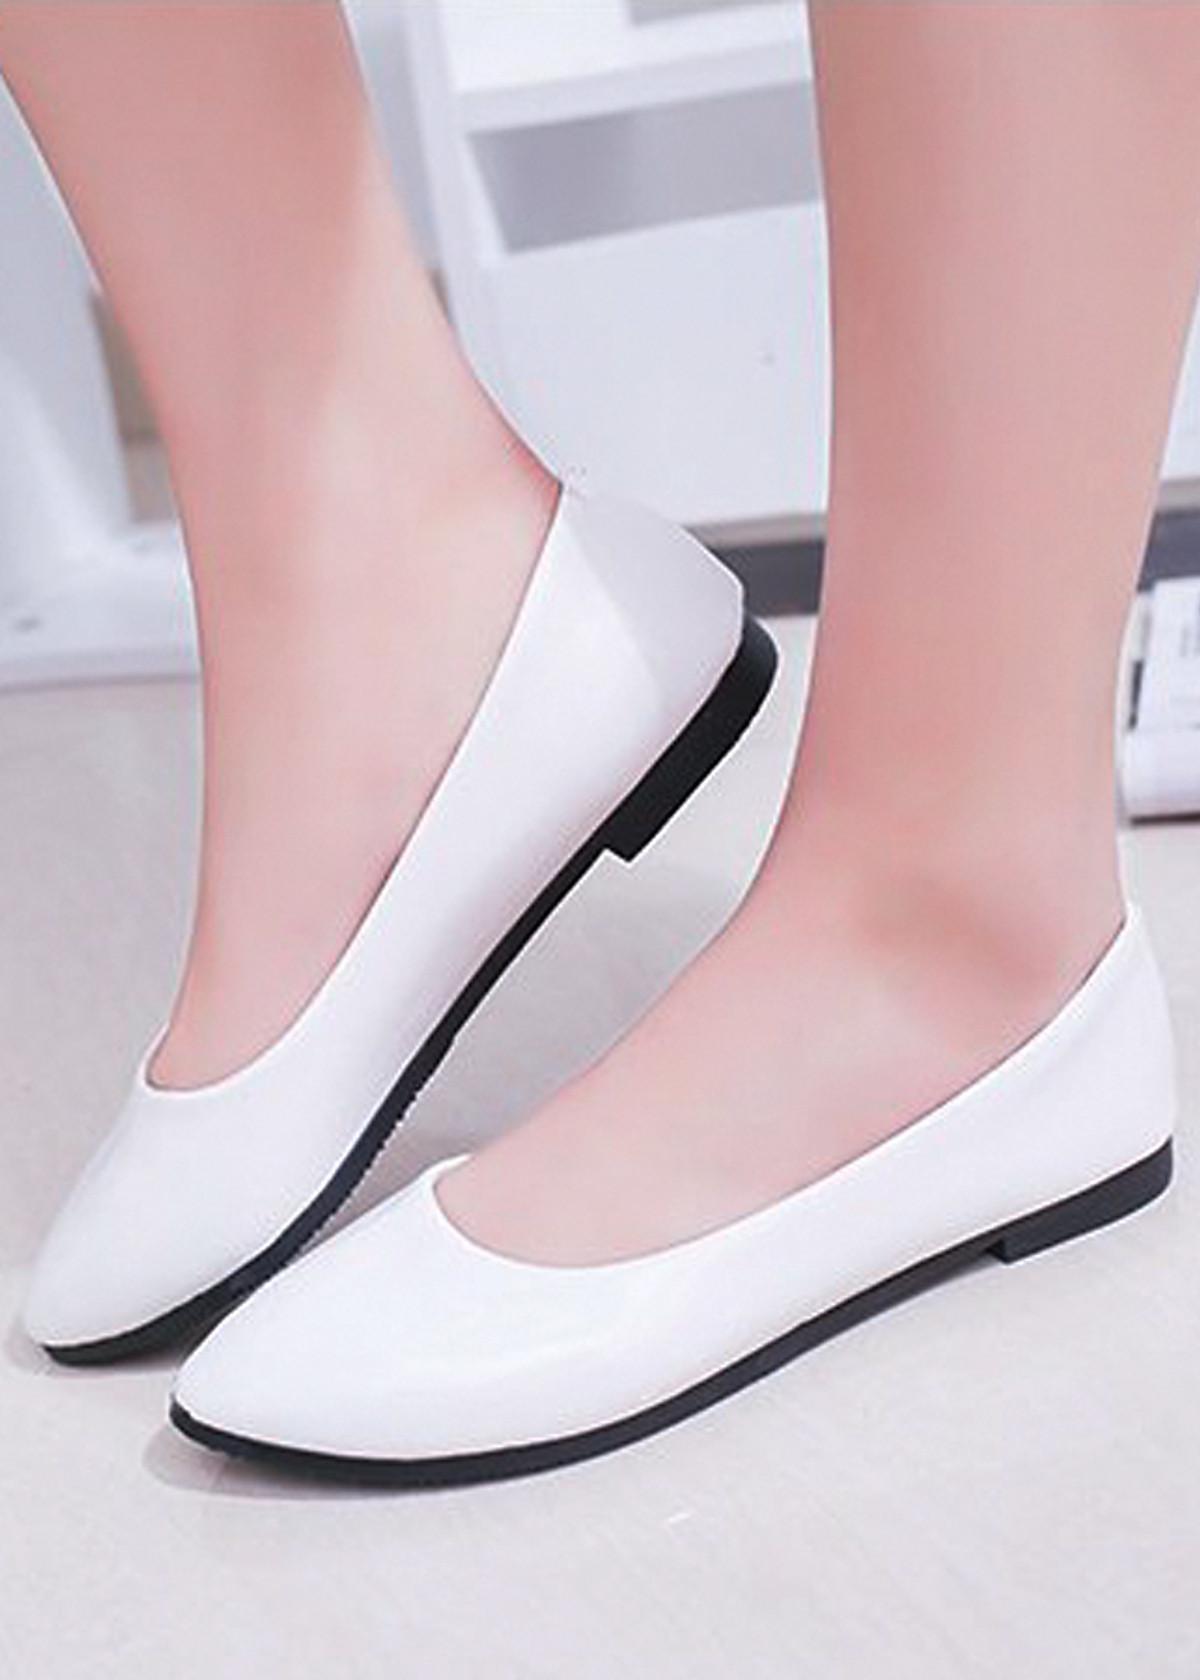 Giày búp bê da bóng mềm không đau chân , dáng chuẩn 96309 28